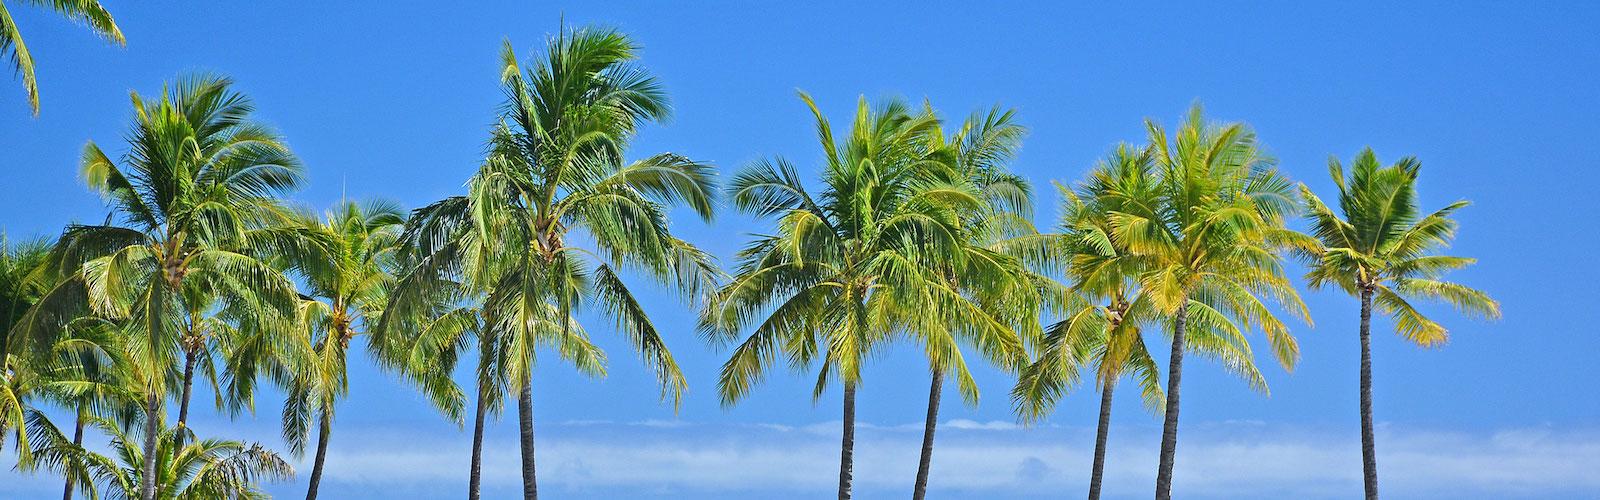 Oahu Fast Facts, About Oahu, Waikiki, Honolulu, Hawaii